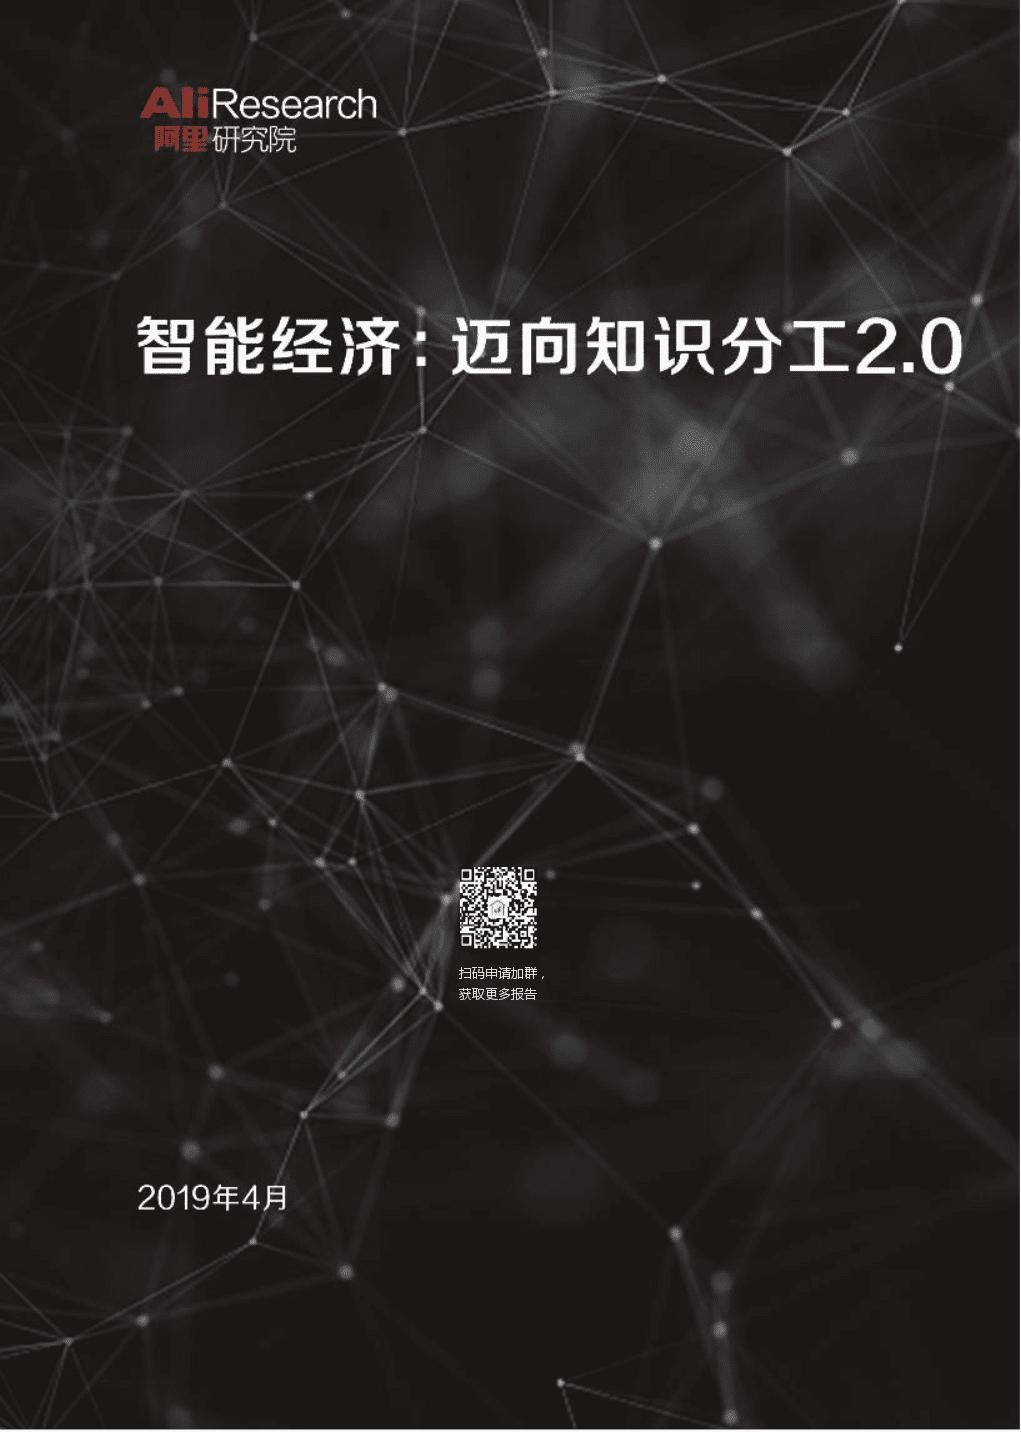 智能经济研究报告-阿里巴巴毕马威联合发布.docx